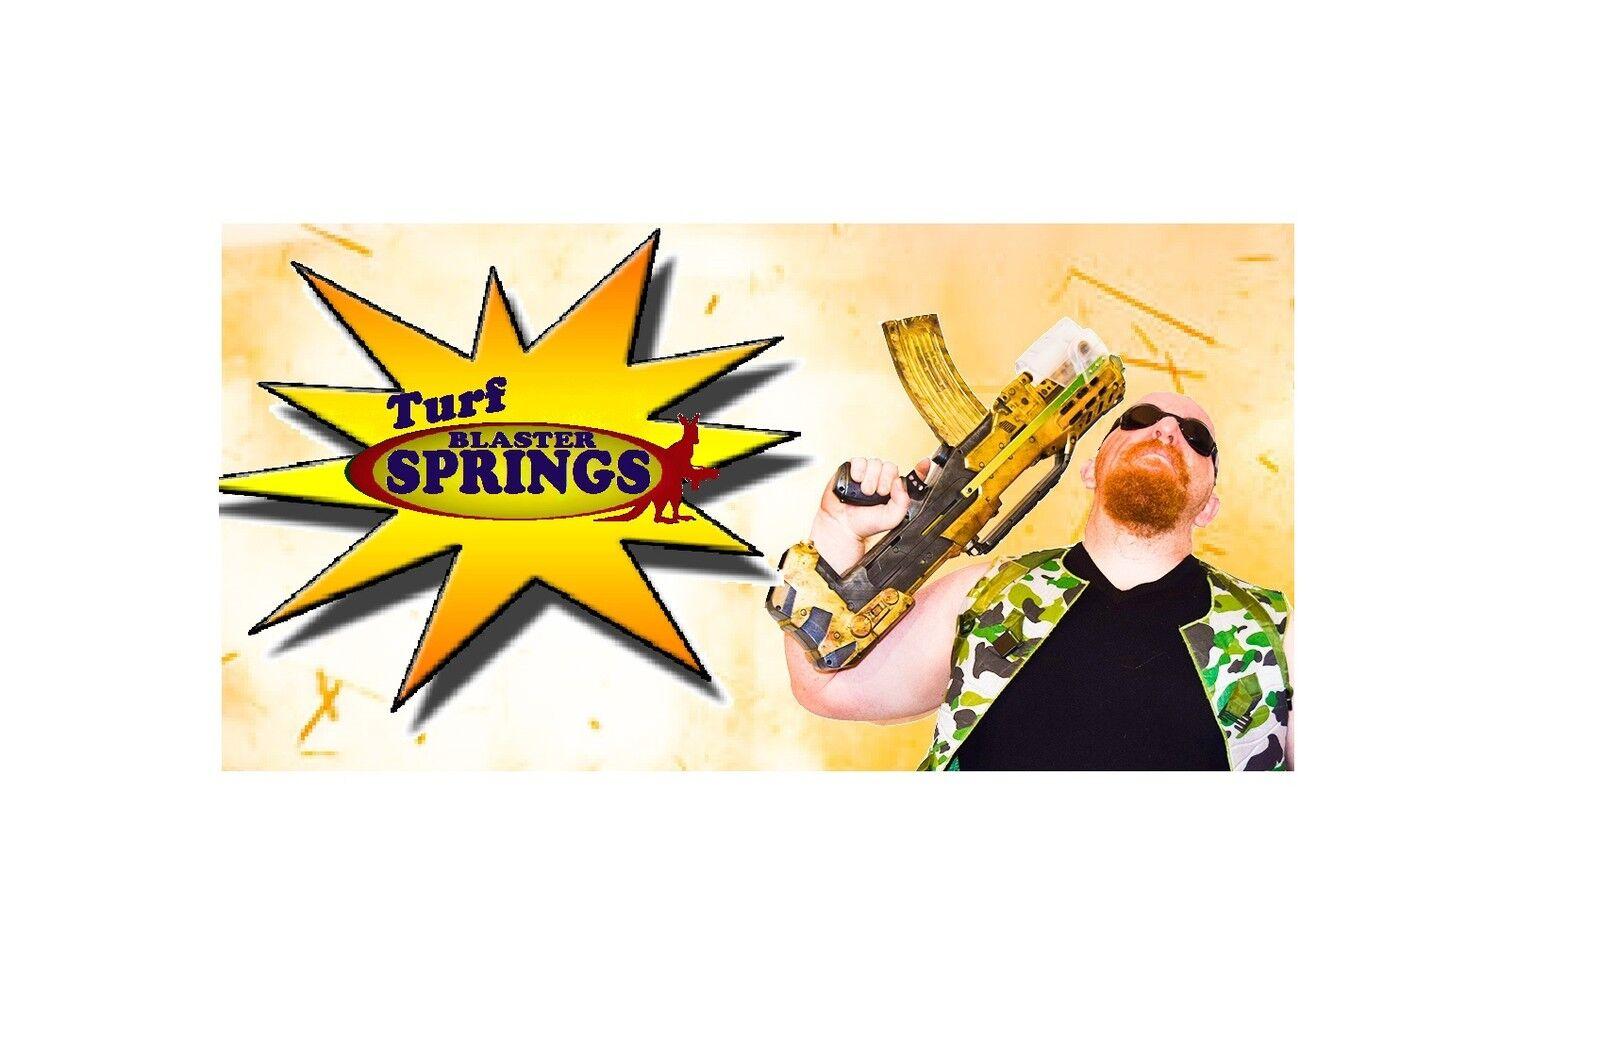 Turf Blaster Springs